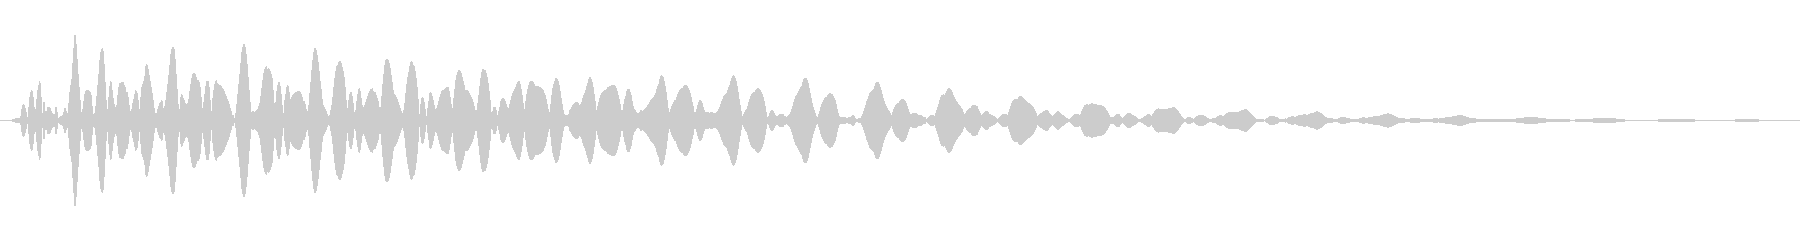 PureTouch アプリ用タッチ音69の未再生の波形